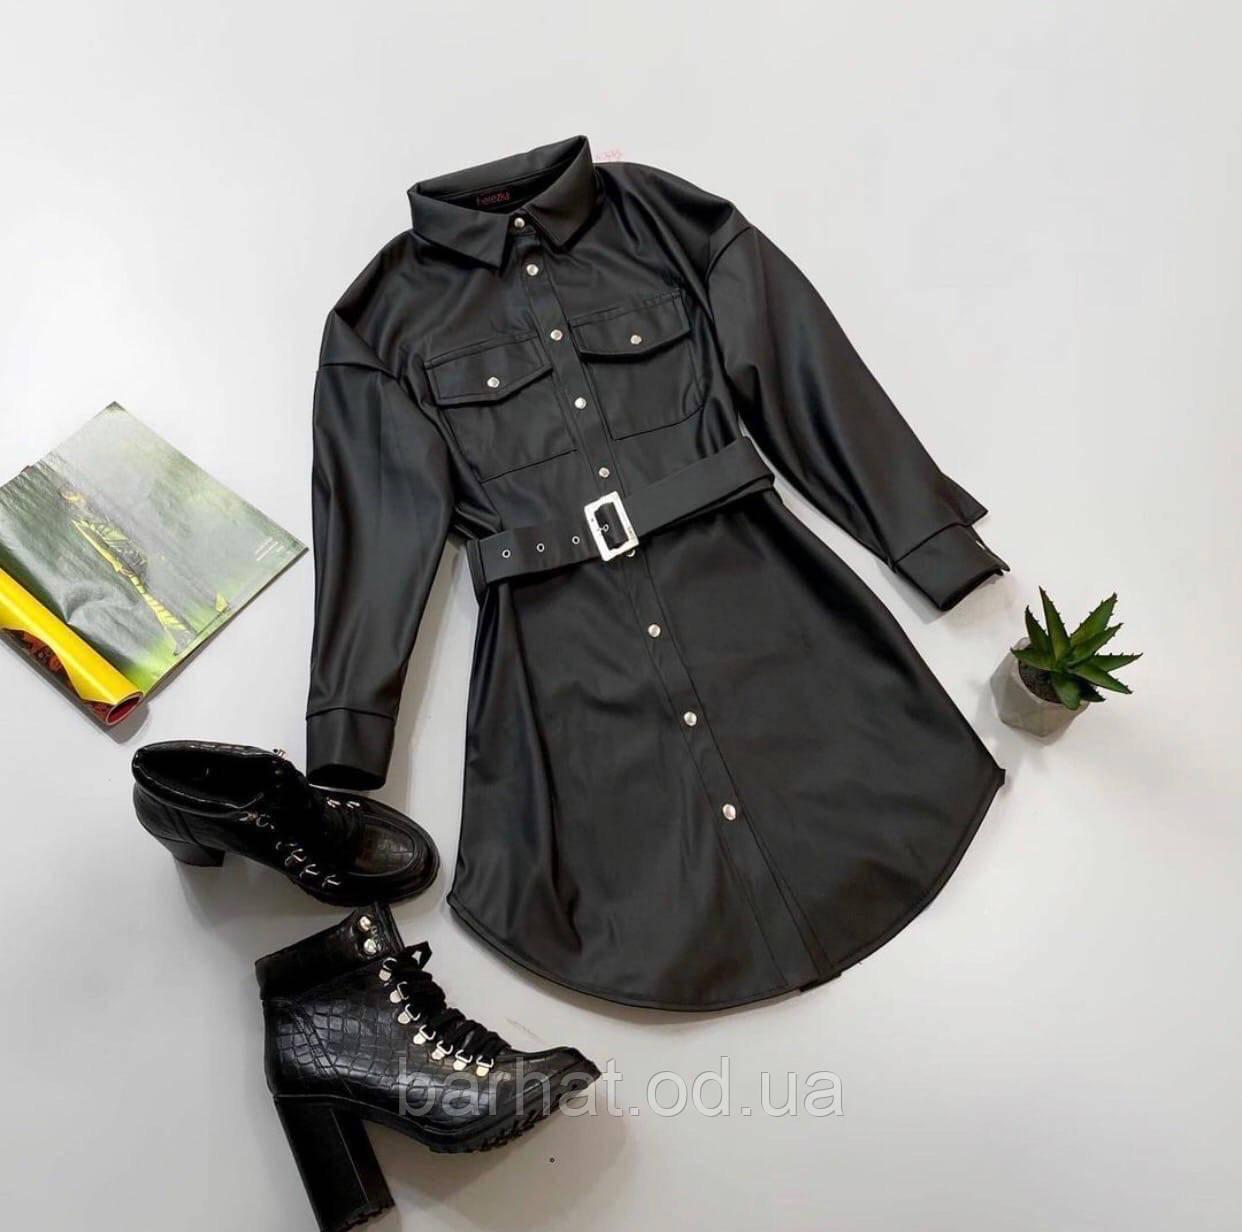 Женское платье с эко-кожи черного цвета размер универсальный